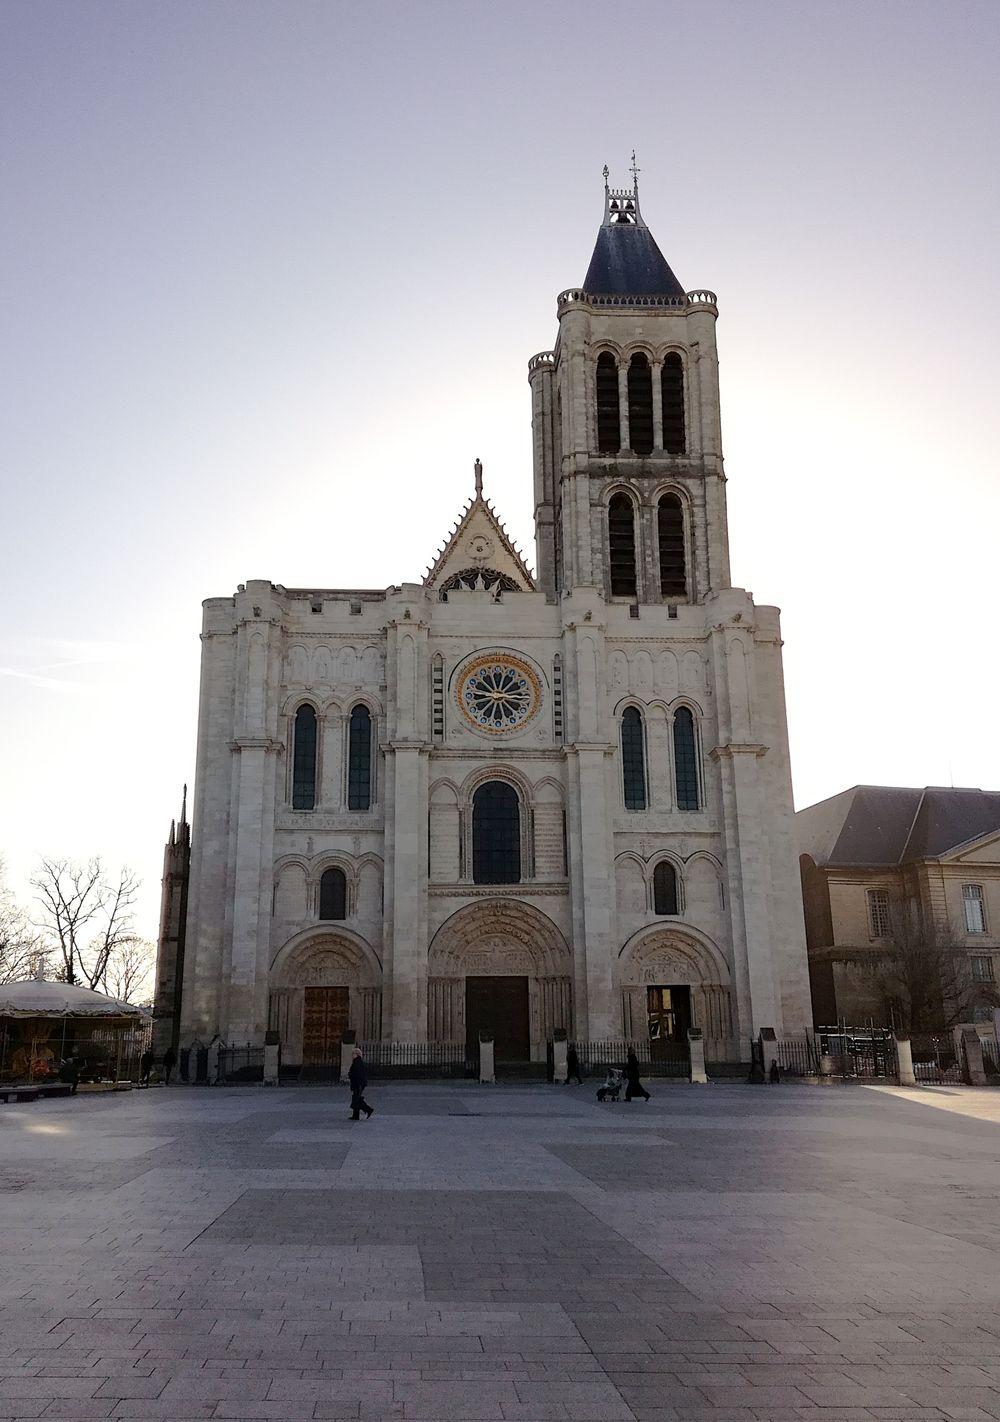 Basilique de Saint-Denis façade, 10h